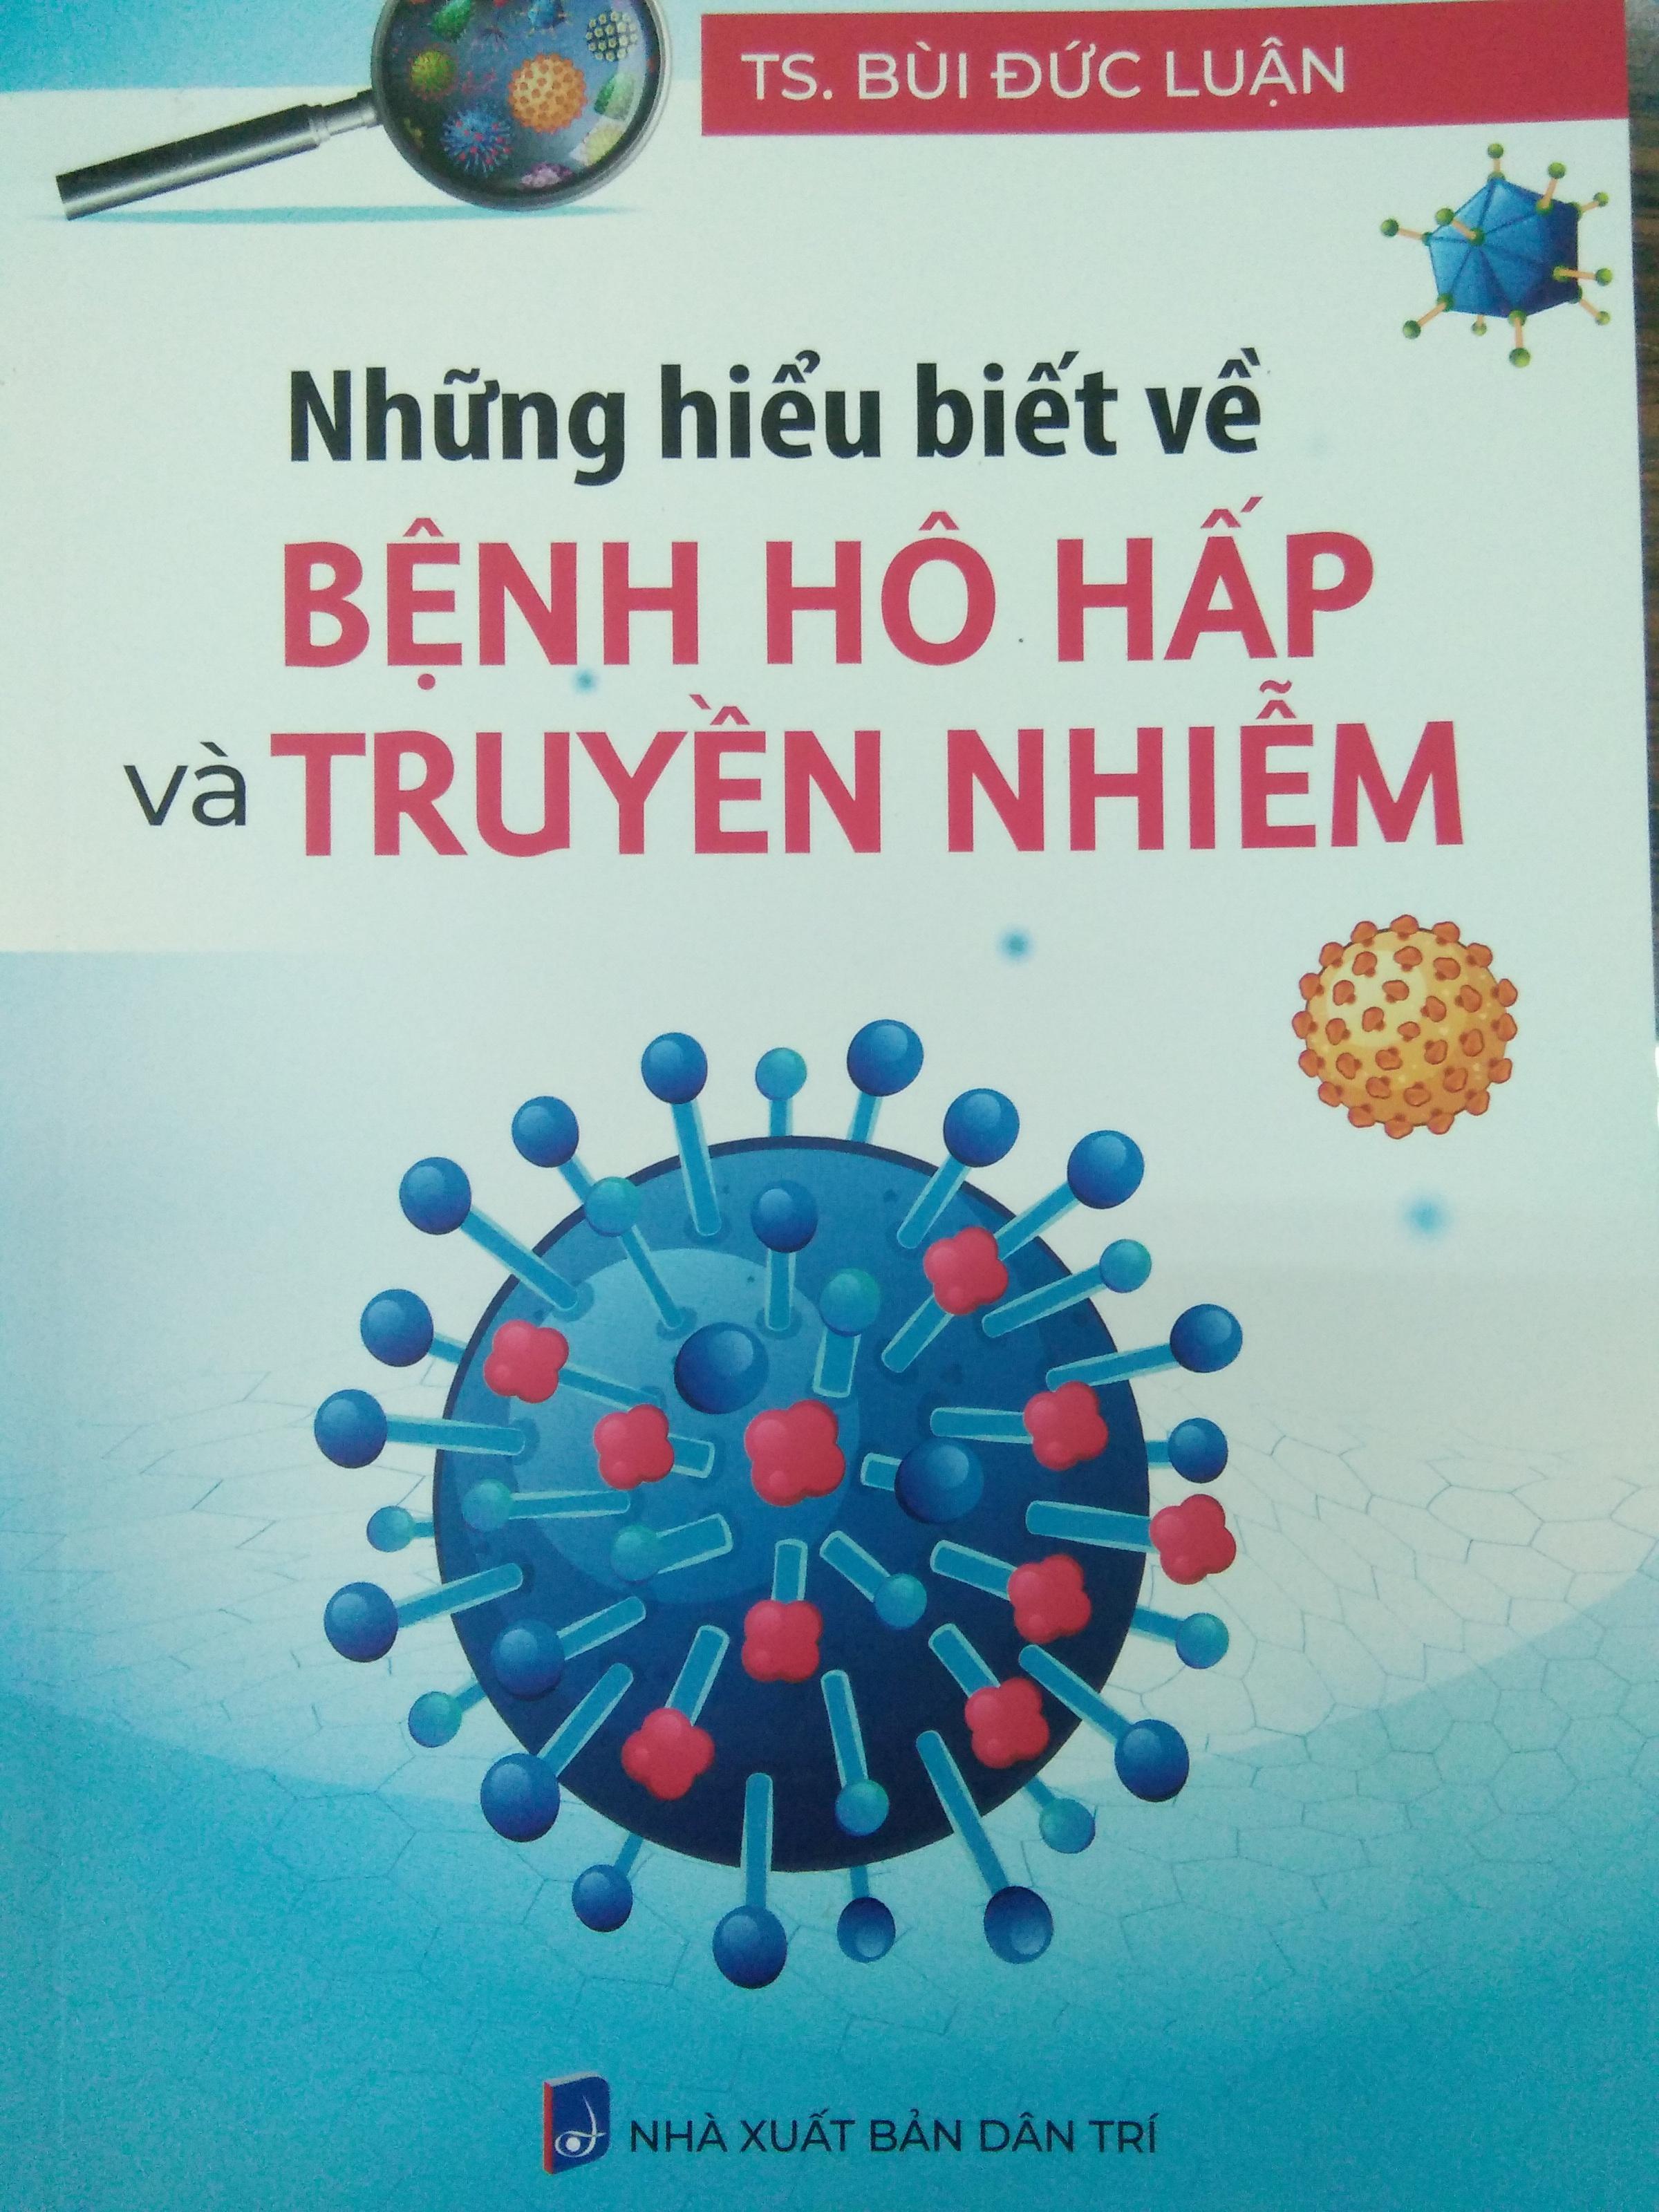 Những hiểu biết về bệnh hô hấp và truyền nhiễm